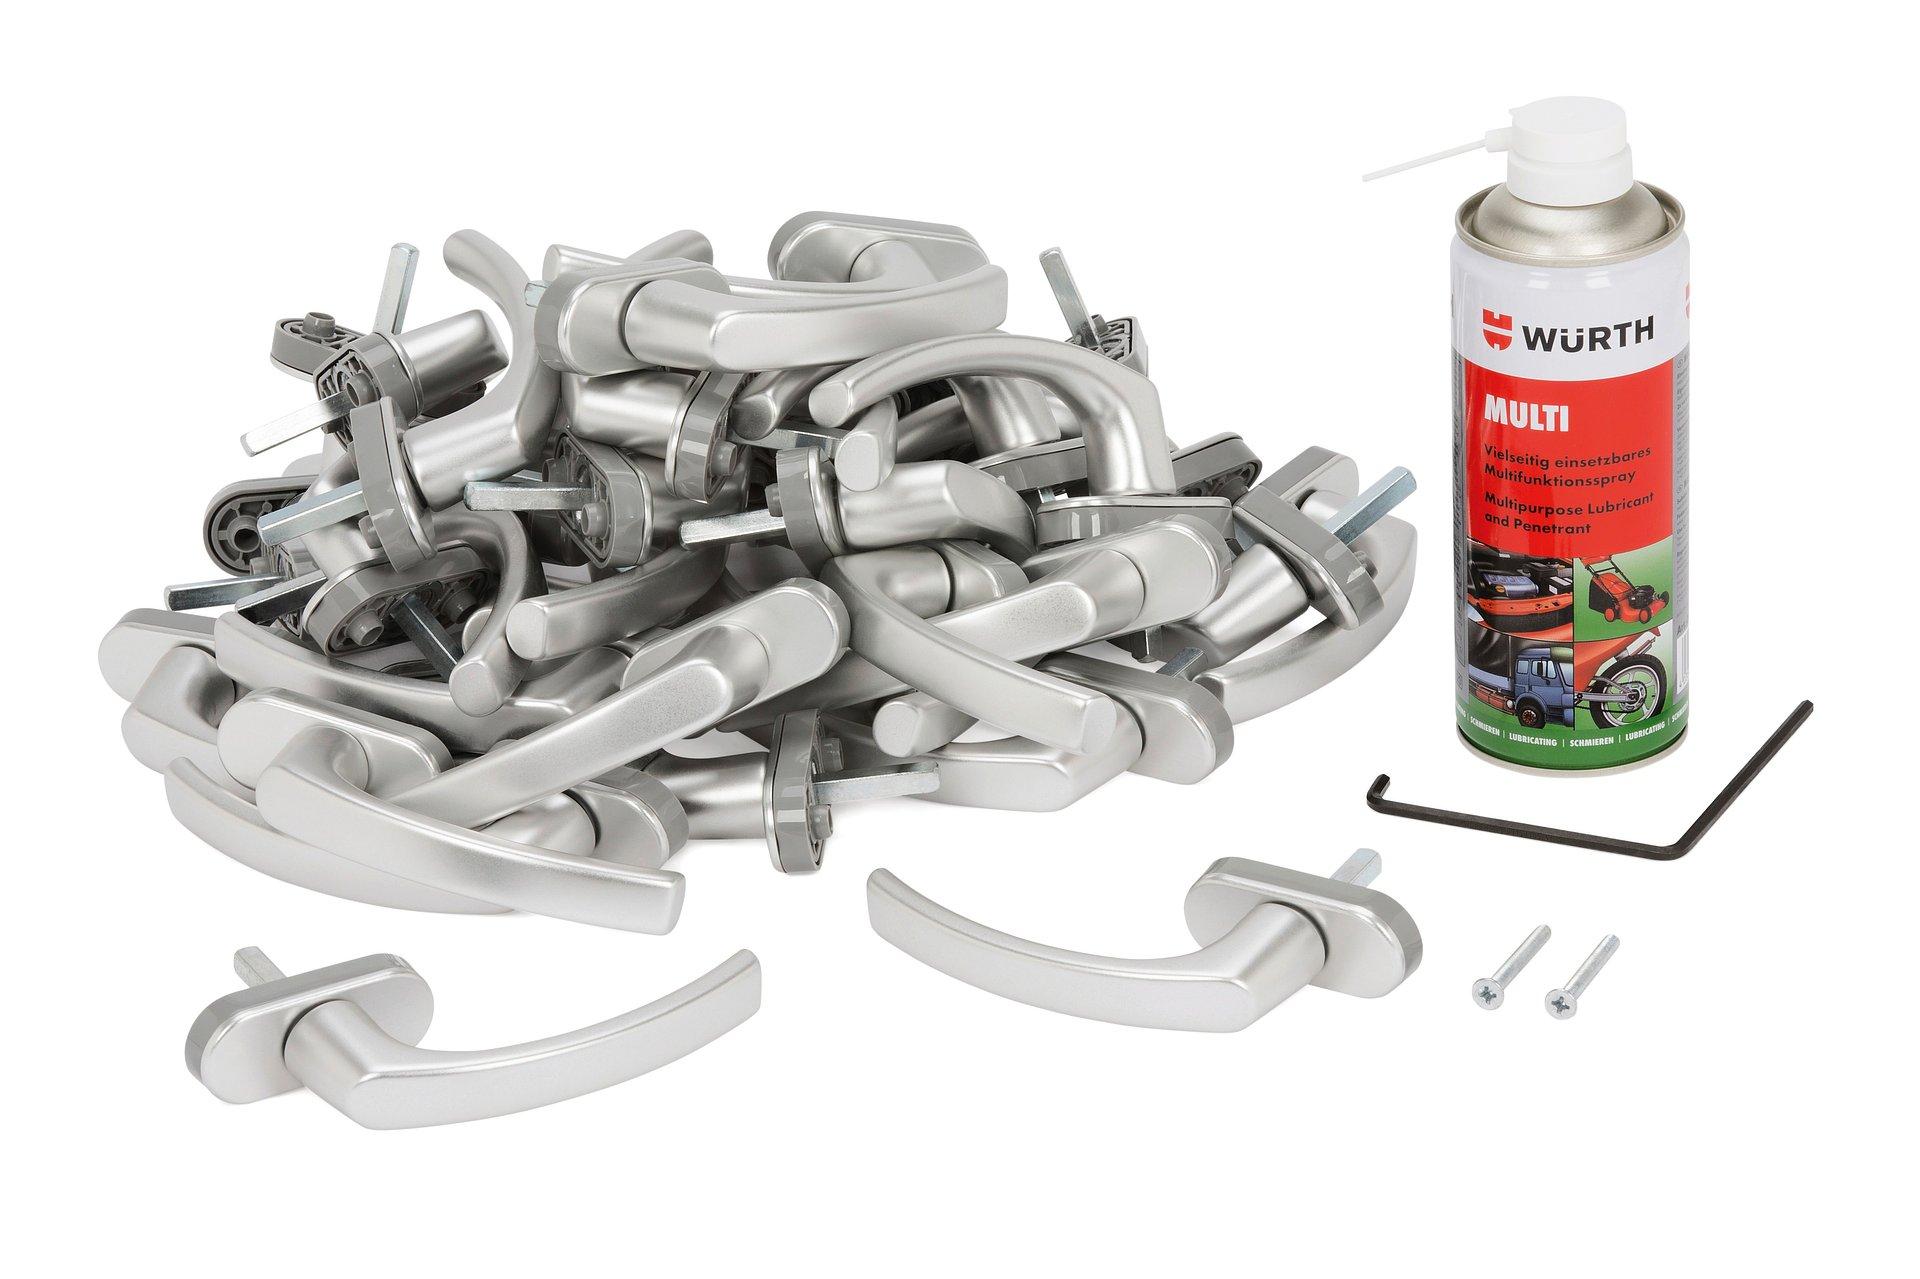 Jeden produkt, wiele zastosowań – uniwersalny preparat MULTI marki Würth